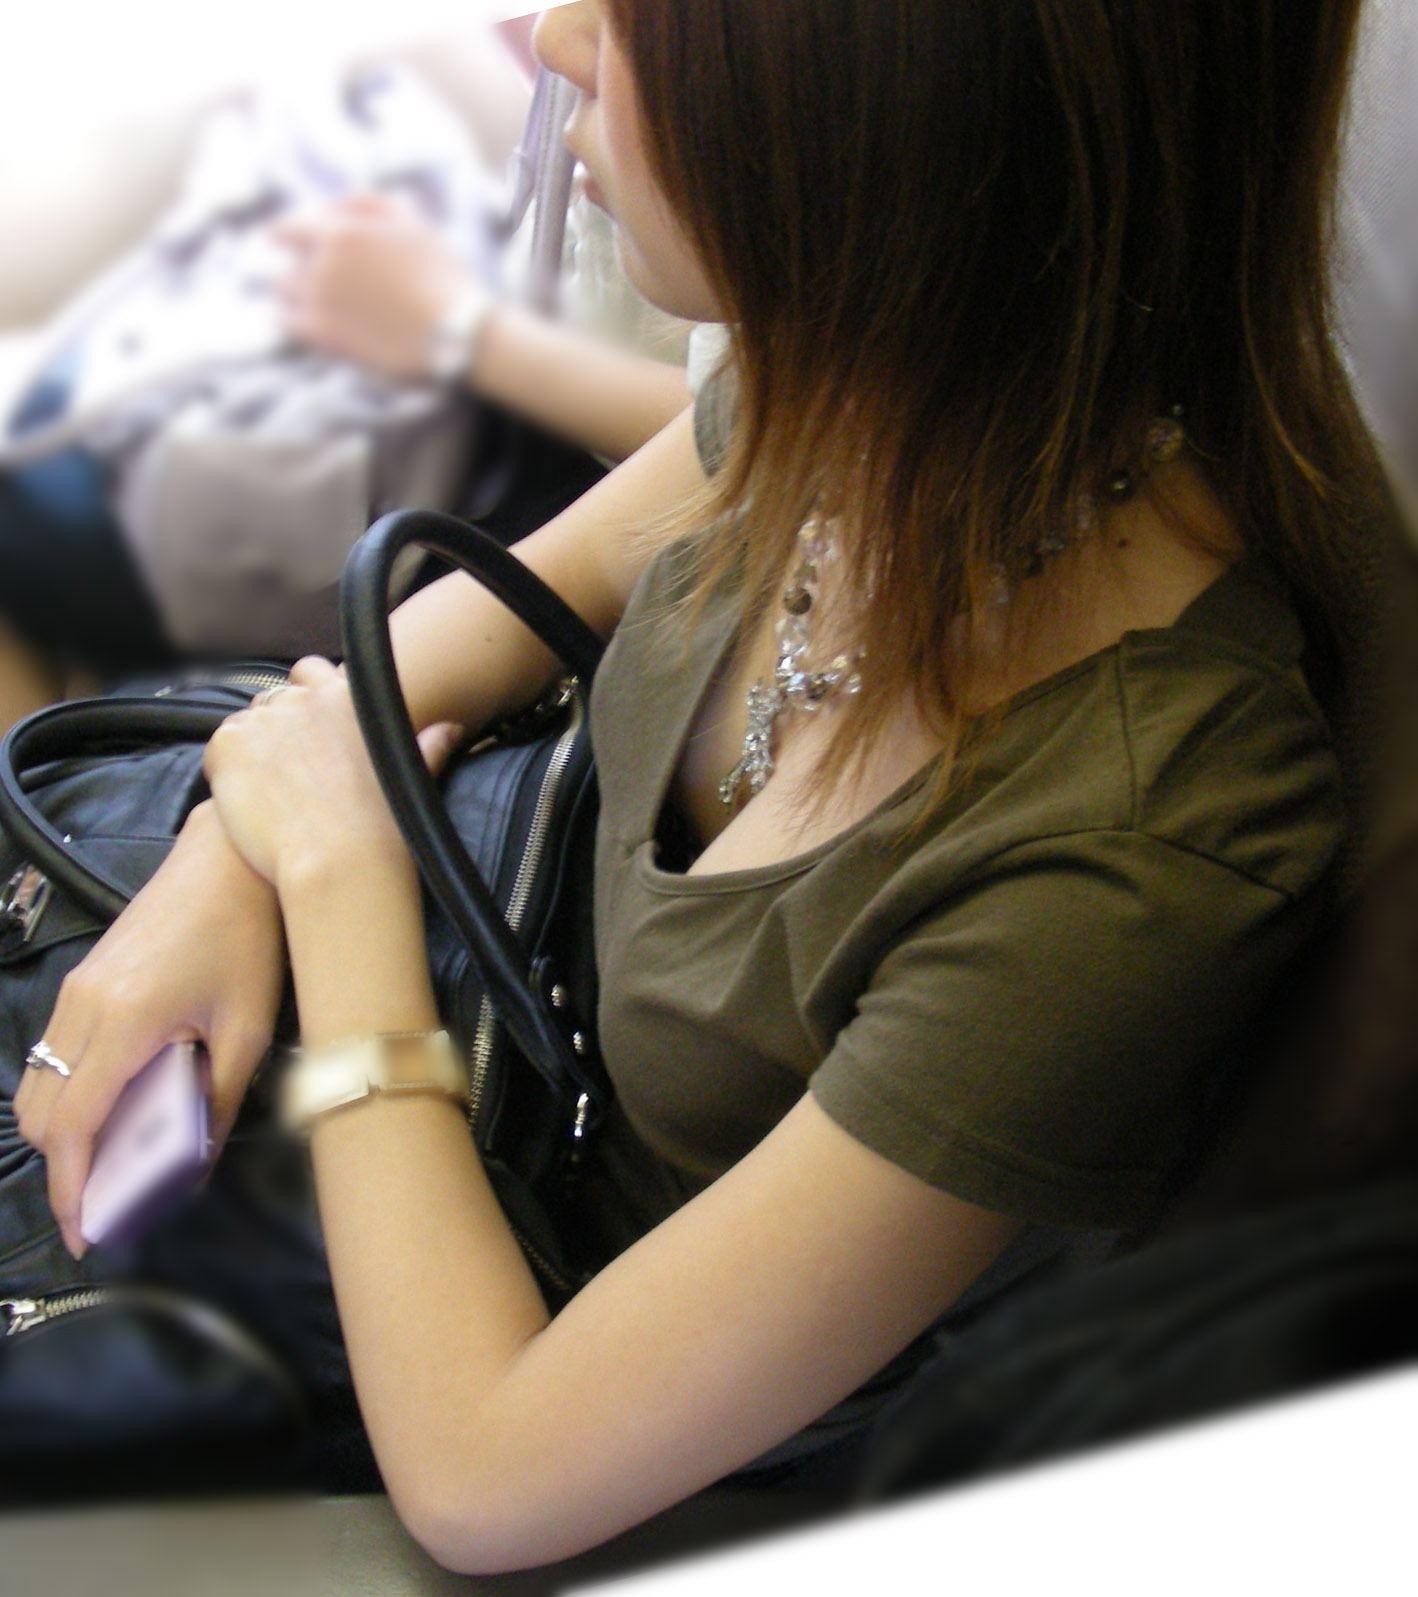 【おっぱい】素人さんの胸チラスポットとして有名な空いている電車www【20枚】 05